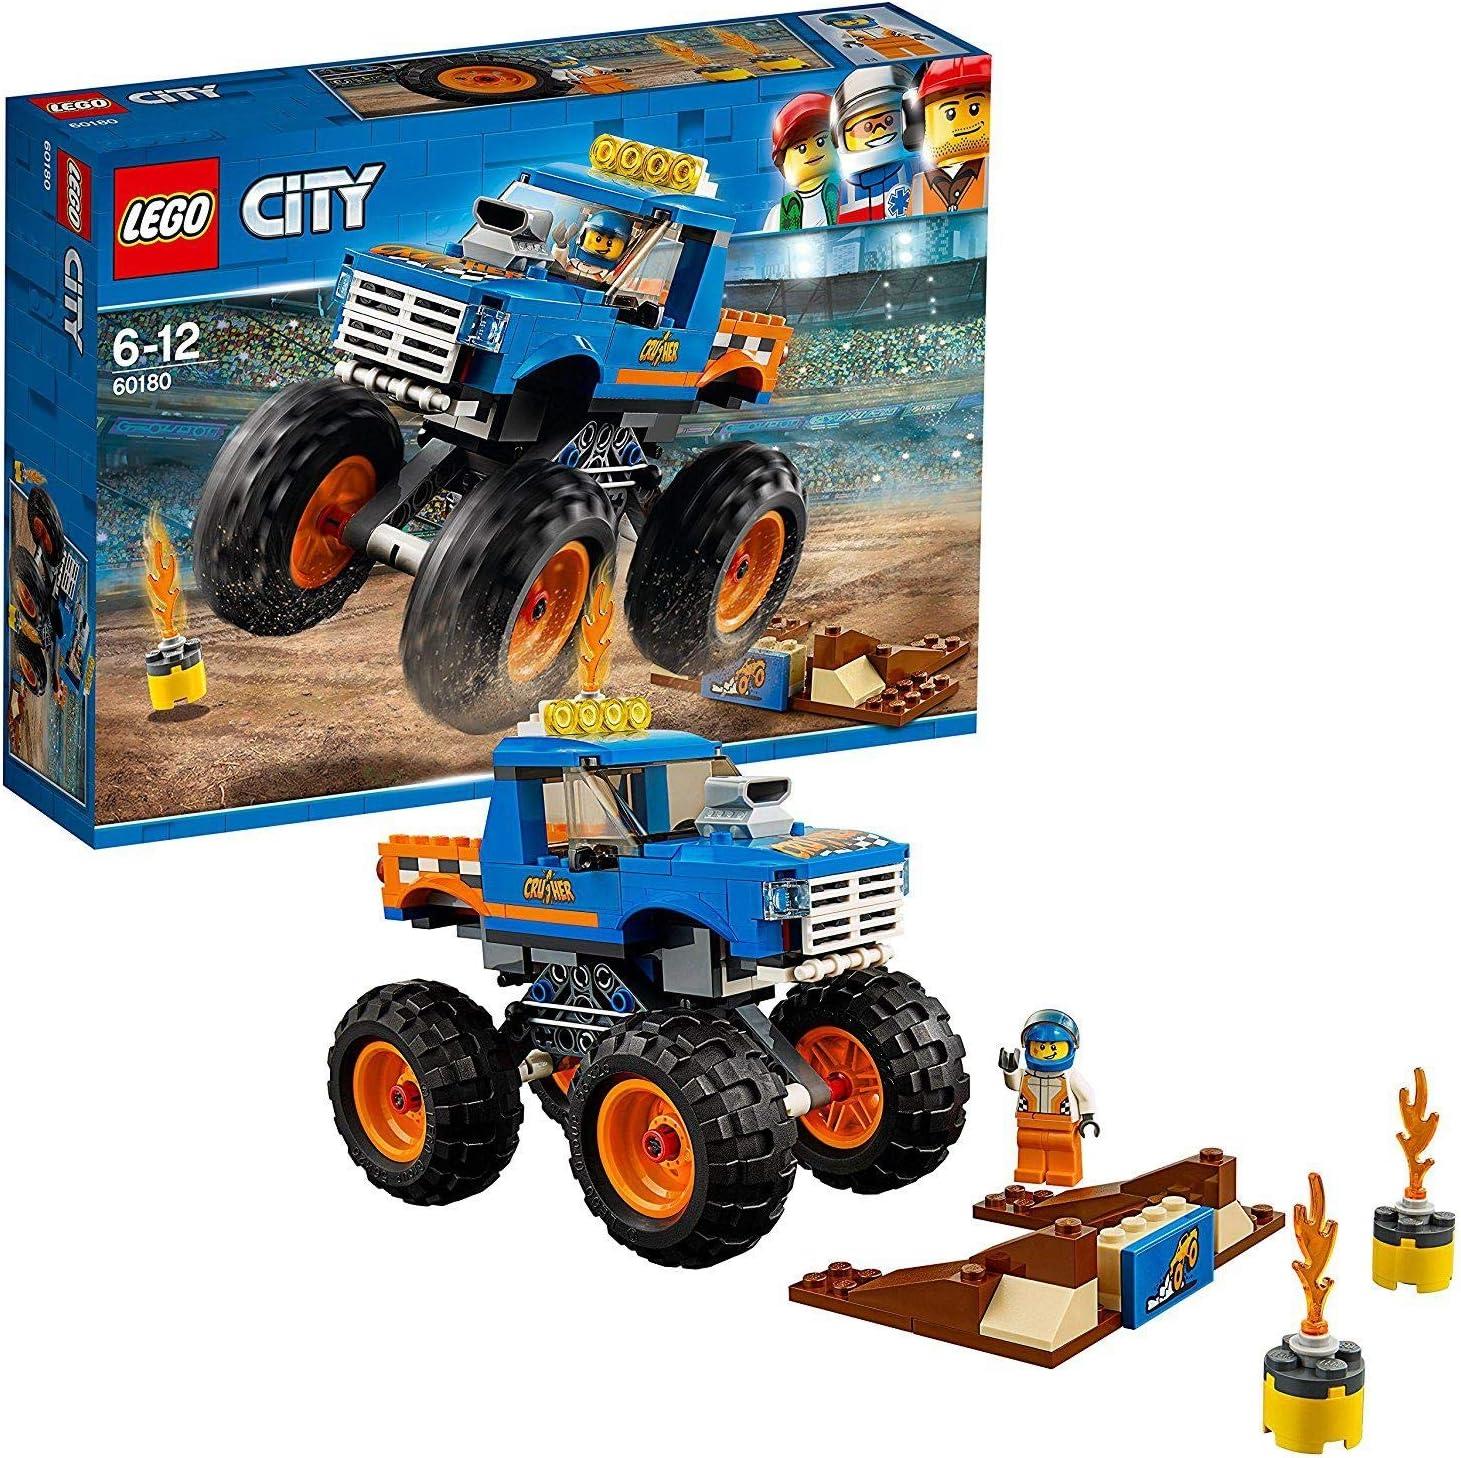 LEGO City Great Vehicles - Monster Truck, Juguete de Construcción Divertido de Camión Monstruo, Set de Coches para Niños y Niñas de 6 a 12 Años (60180)